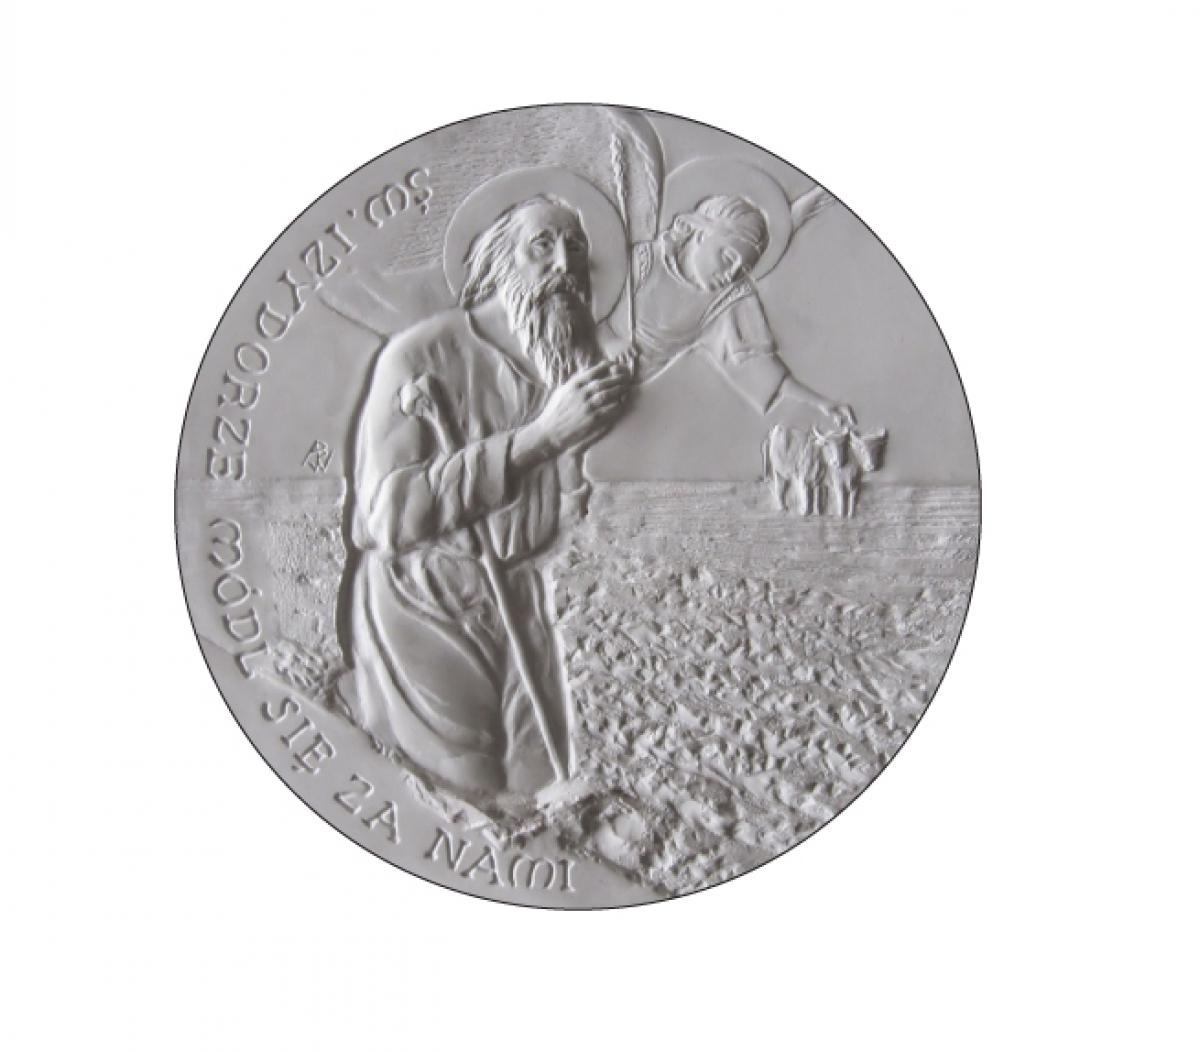 Anna Wątróbska-Wdowiarska, Św. Izydorze módl się za nami (awers), tombak srebrzony, oksydowany, 7 cm, 2017